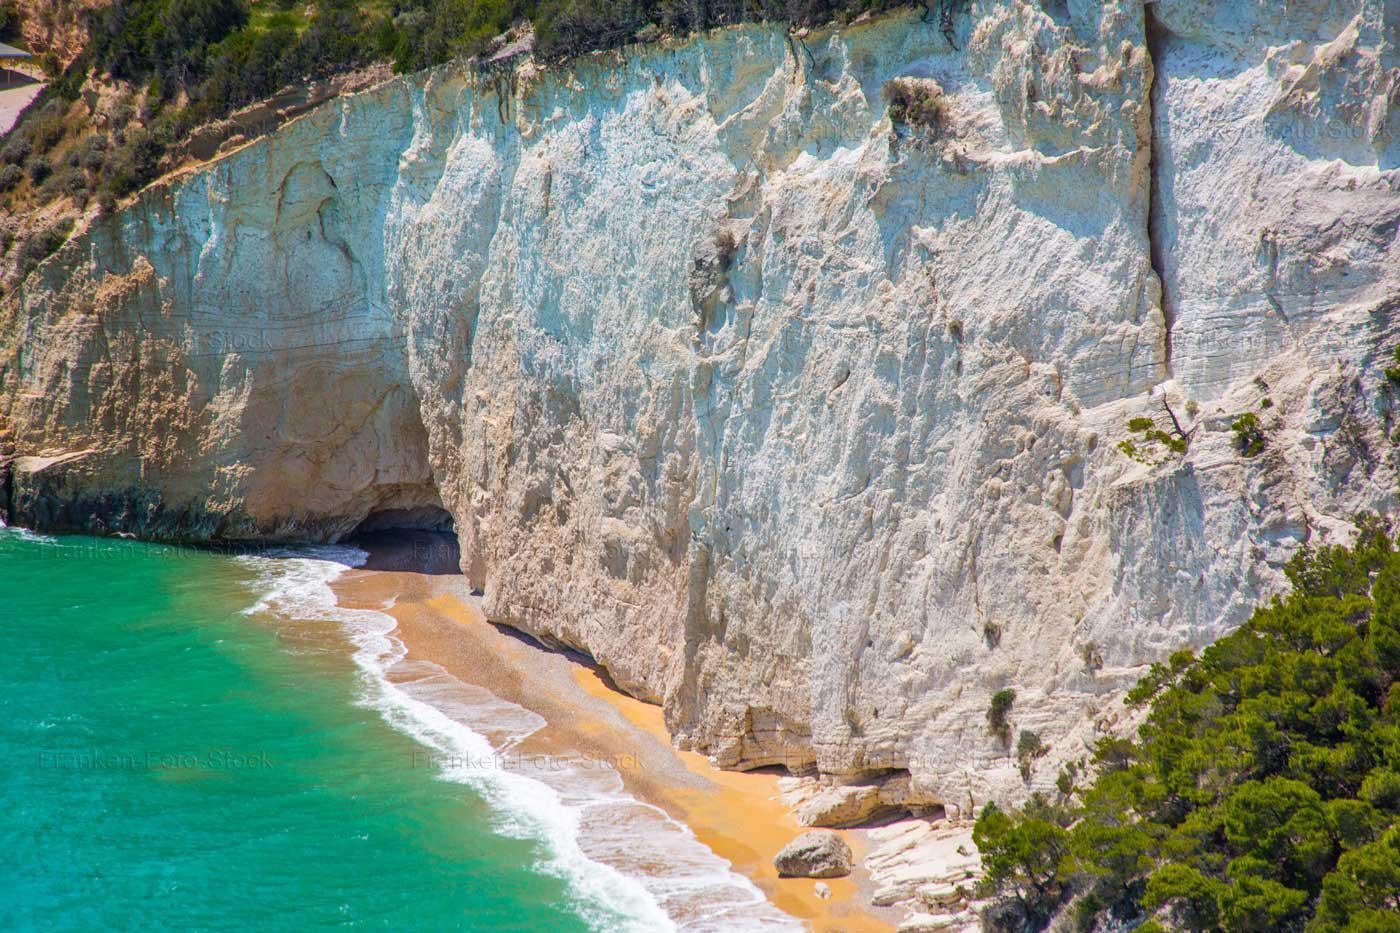 Gargano: weiße Klippe und Bucht, Foto R. Franken